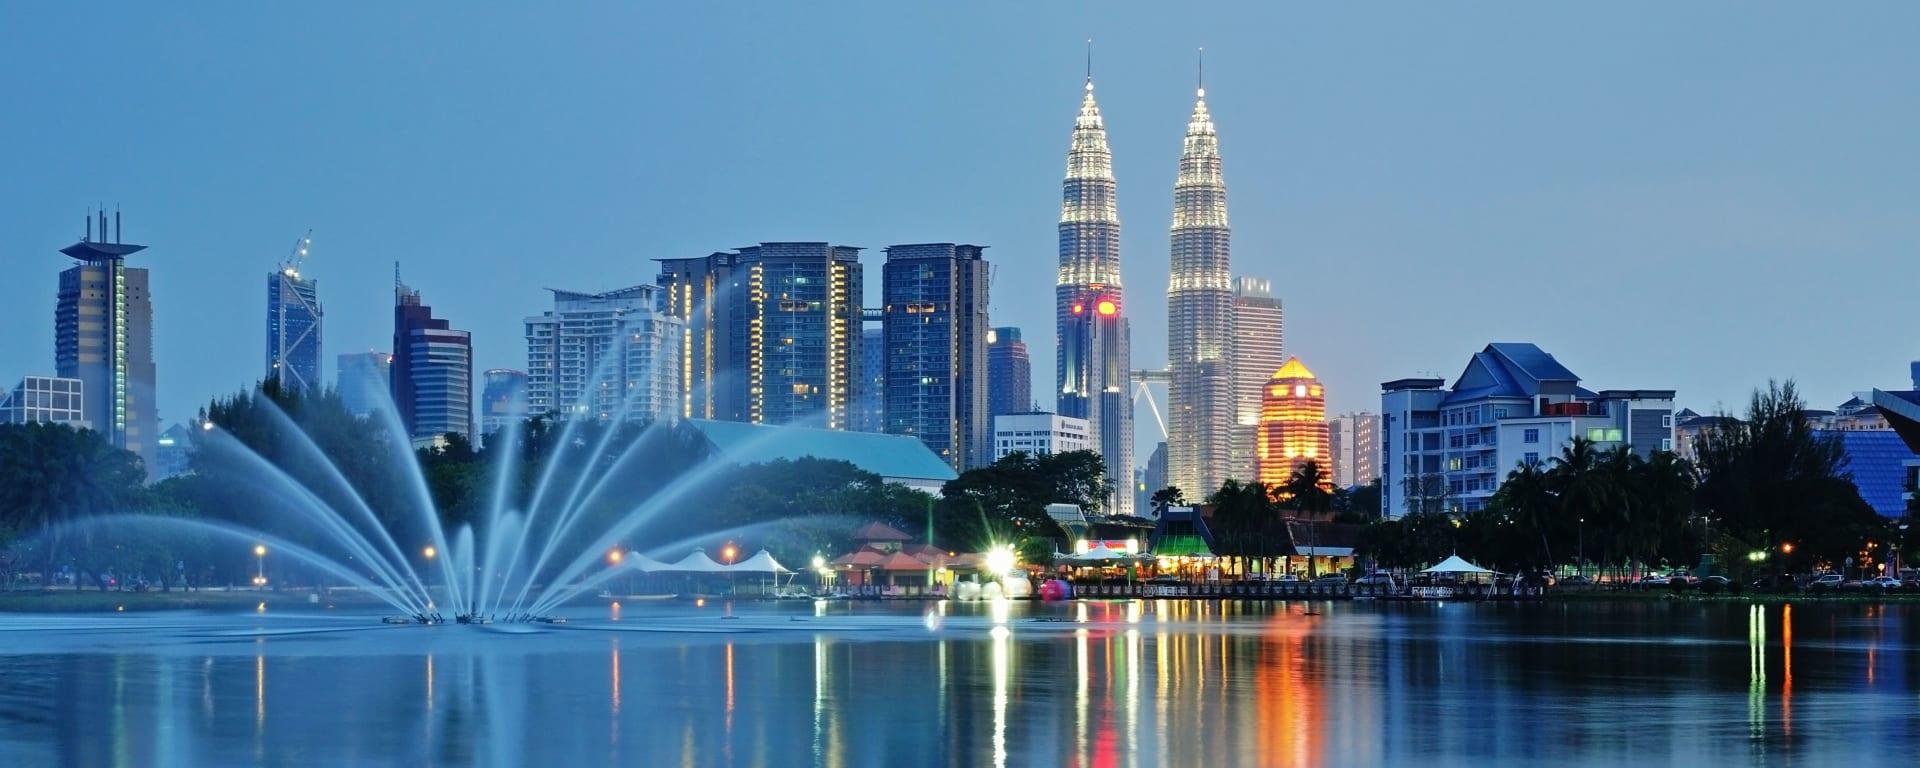 Malaysia entdecken mit Tischler Reisen: Malaysia Kuala Lumpur Skyline